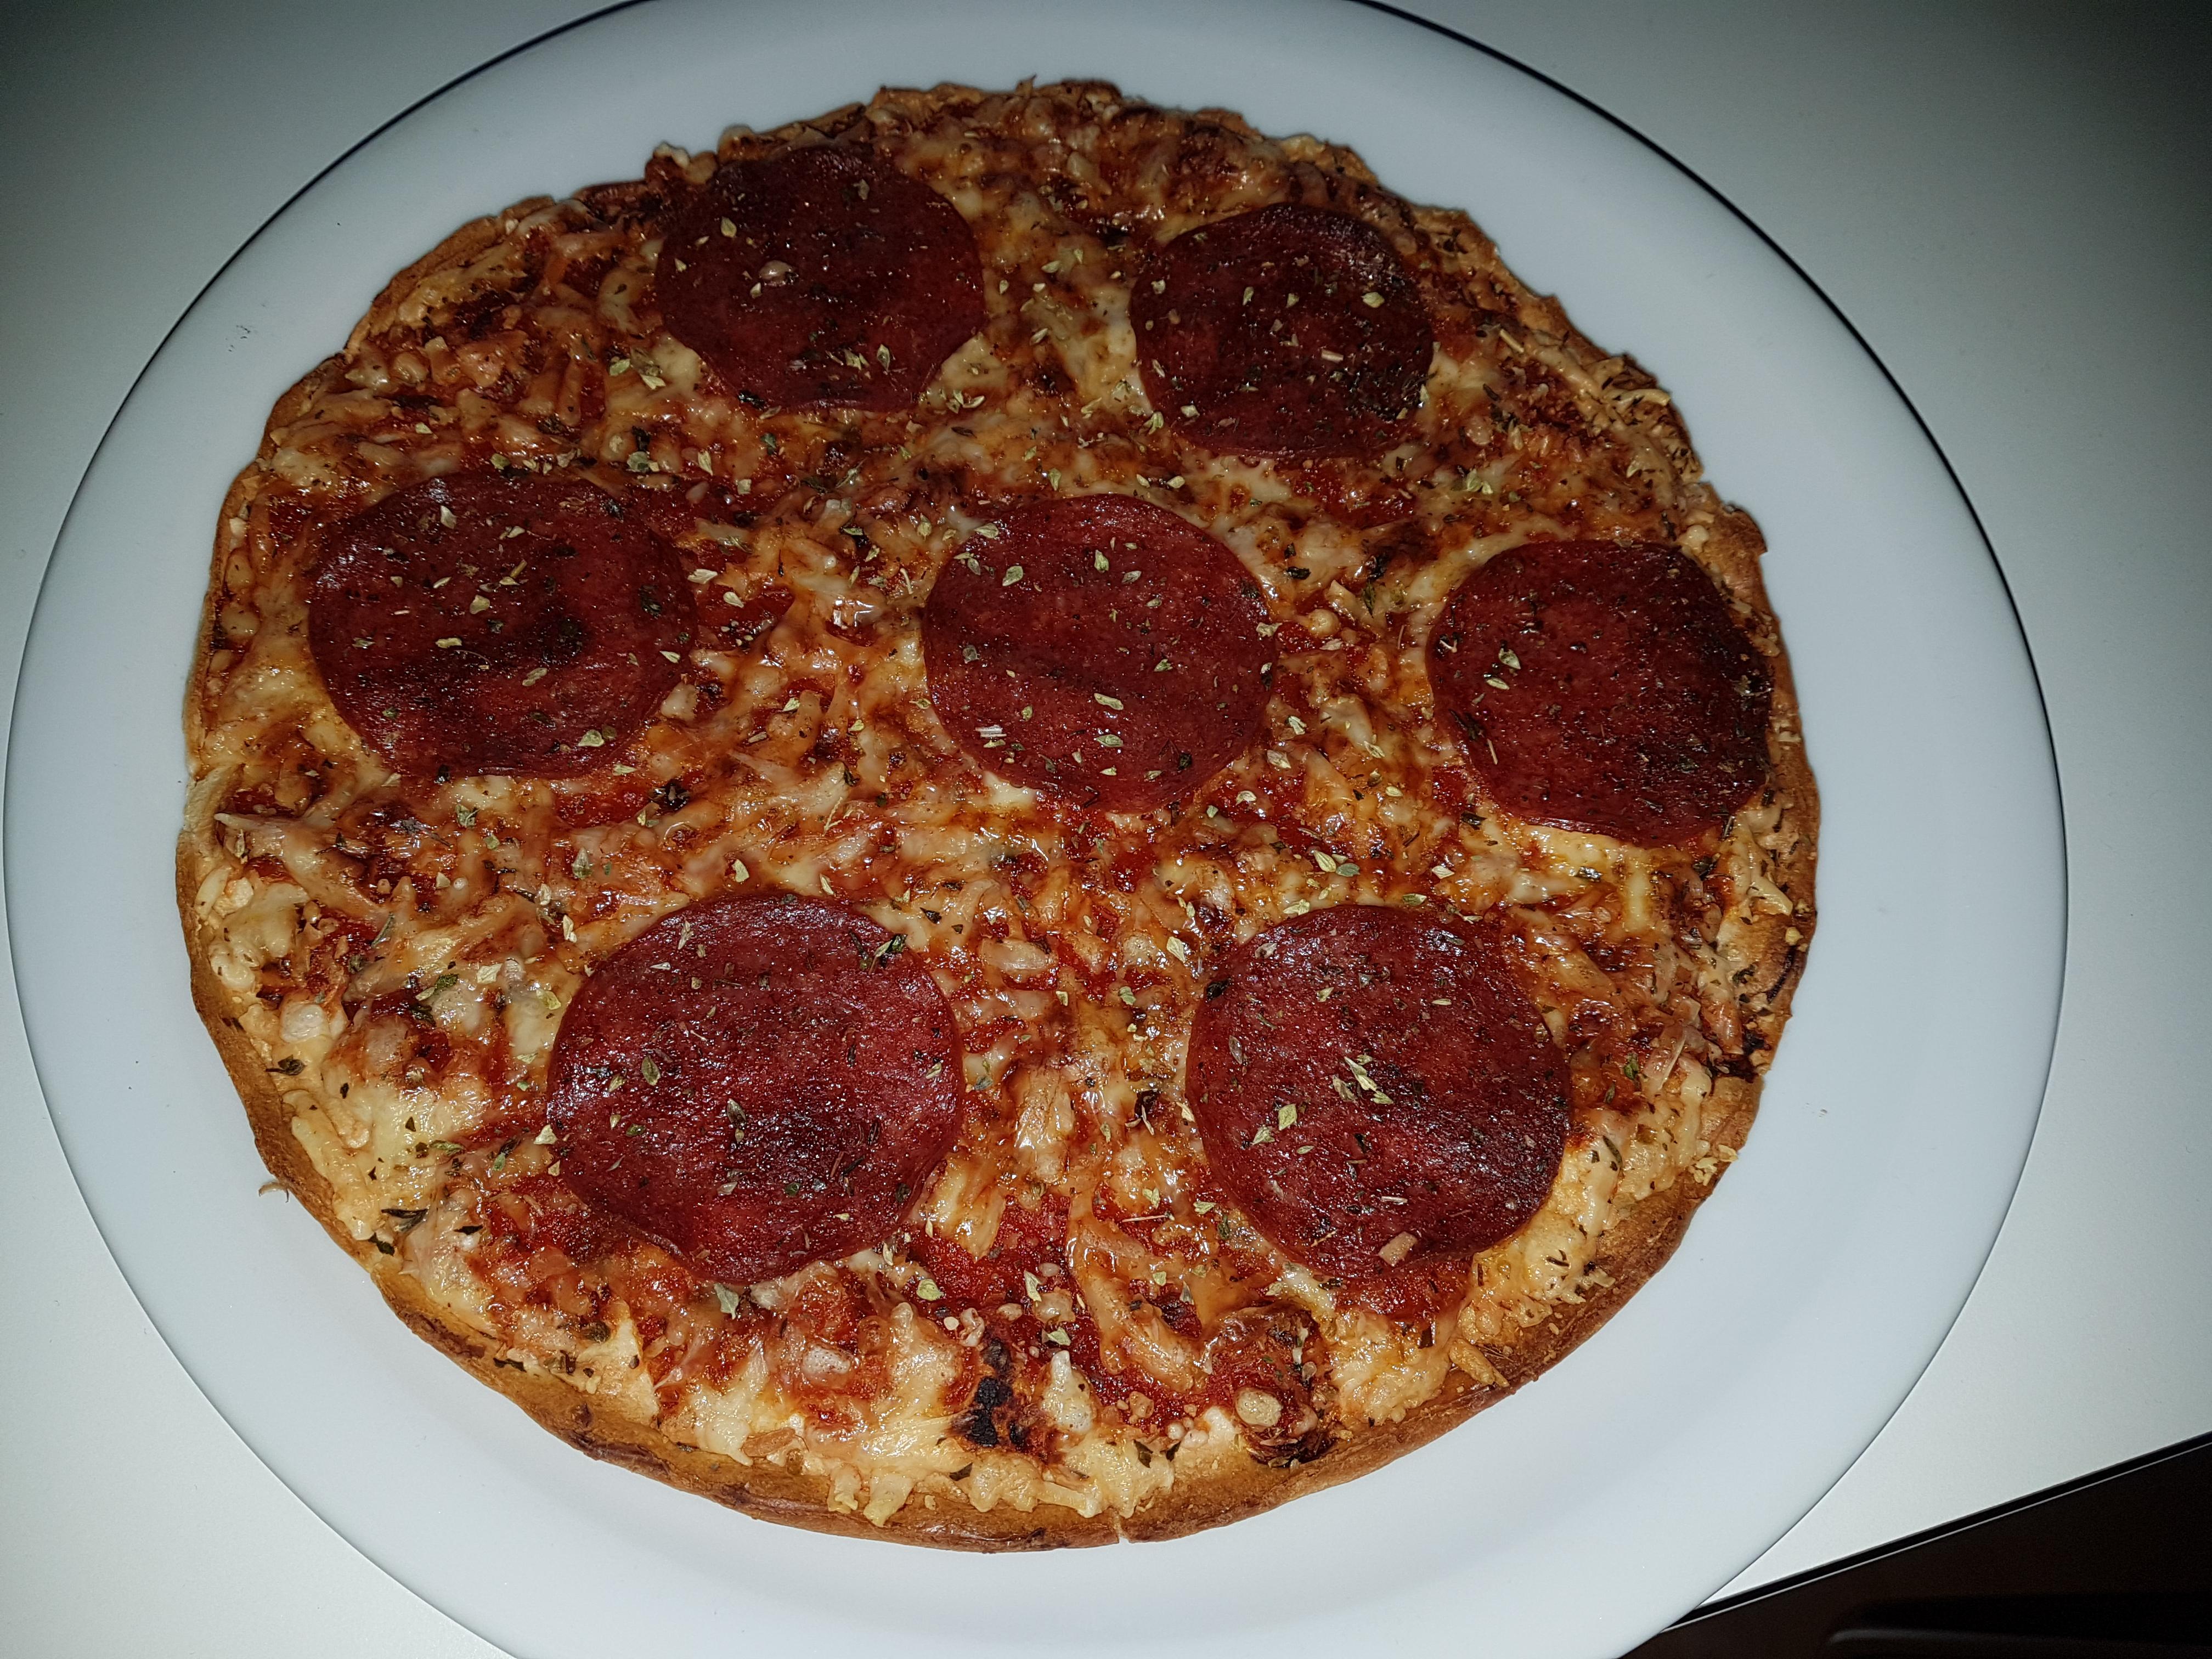 https://foodloader.net/Holz_2017-10-27_Pizza.jpg